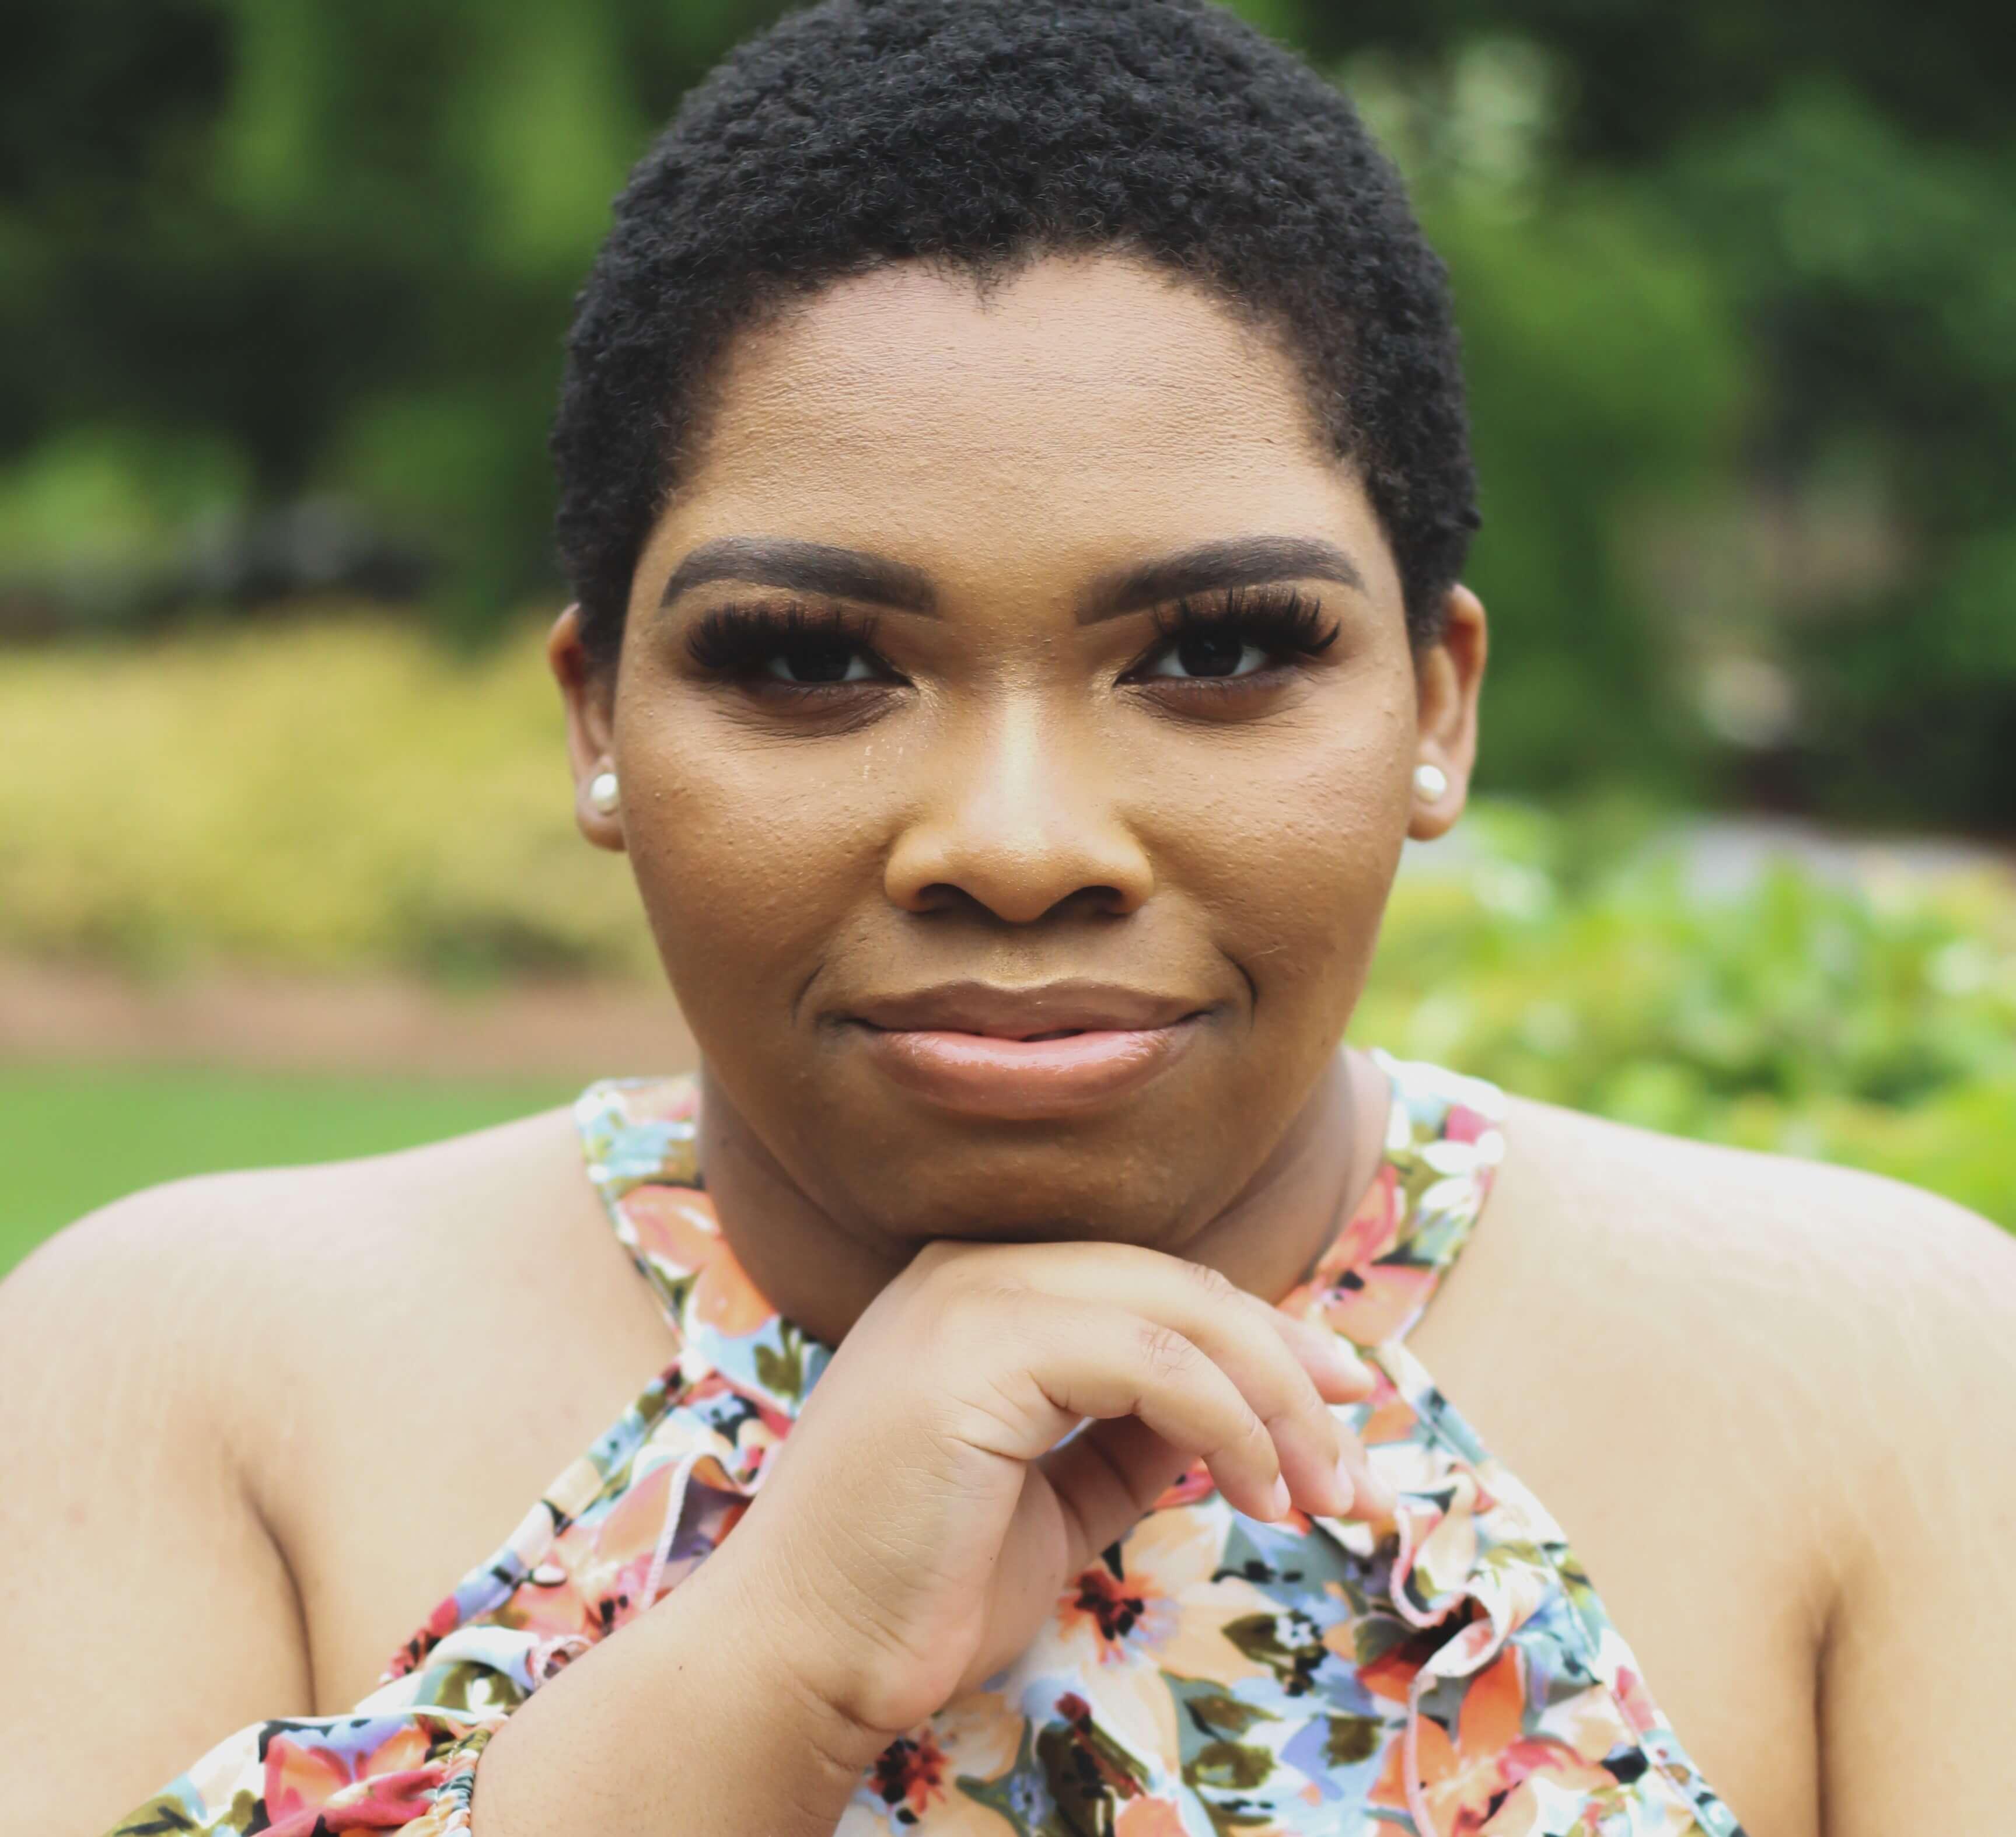 A Gilman Scholar seeks Black power in the written word